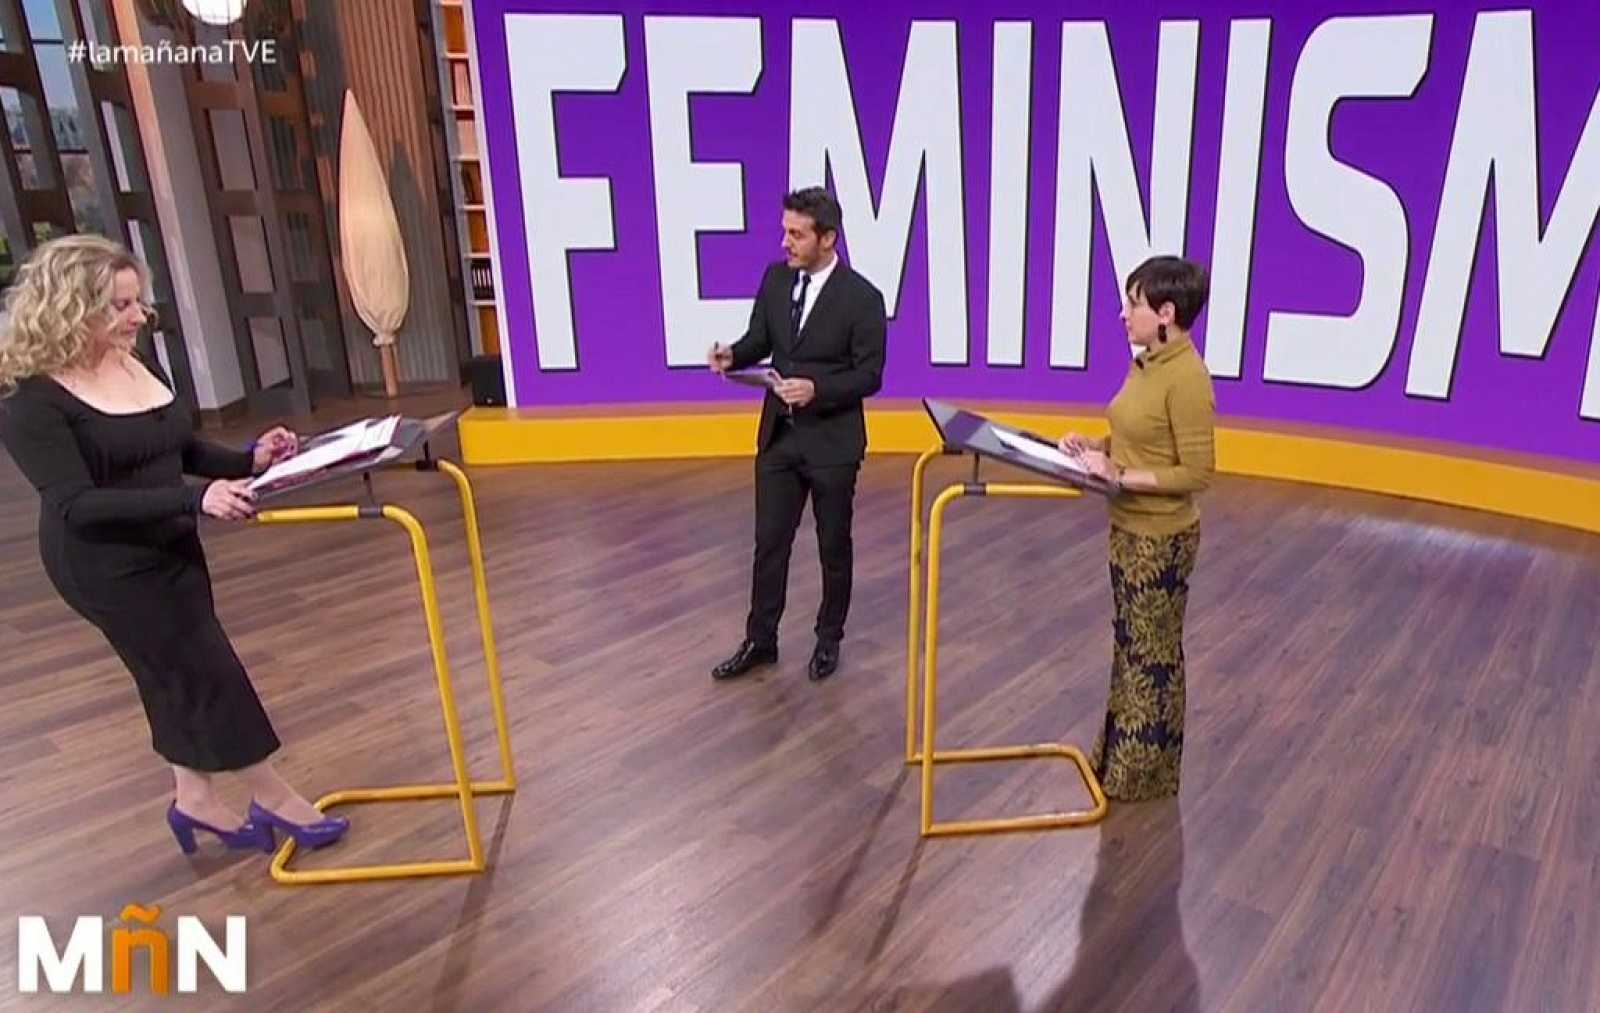 La Mañana - La libertad sexual a 2 días del 8M: feminismo dividido